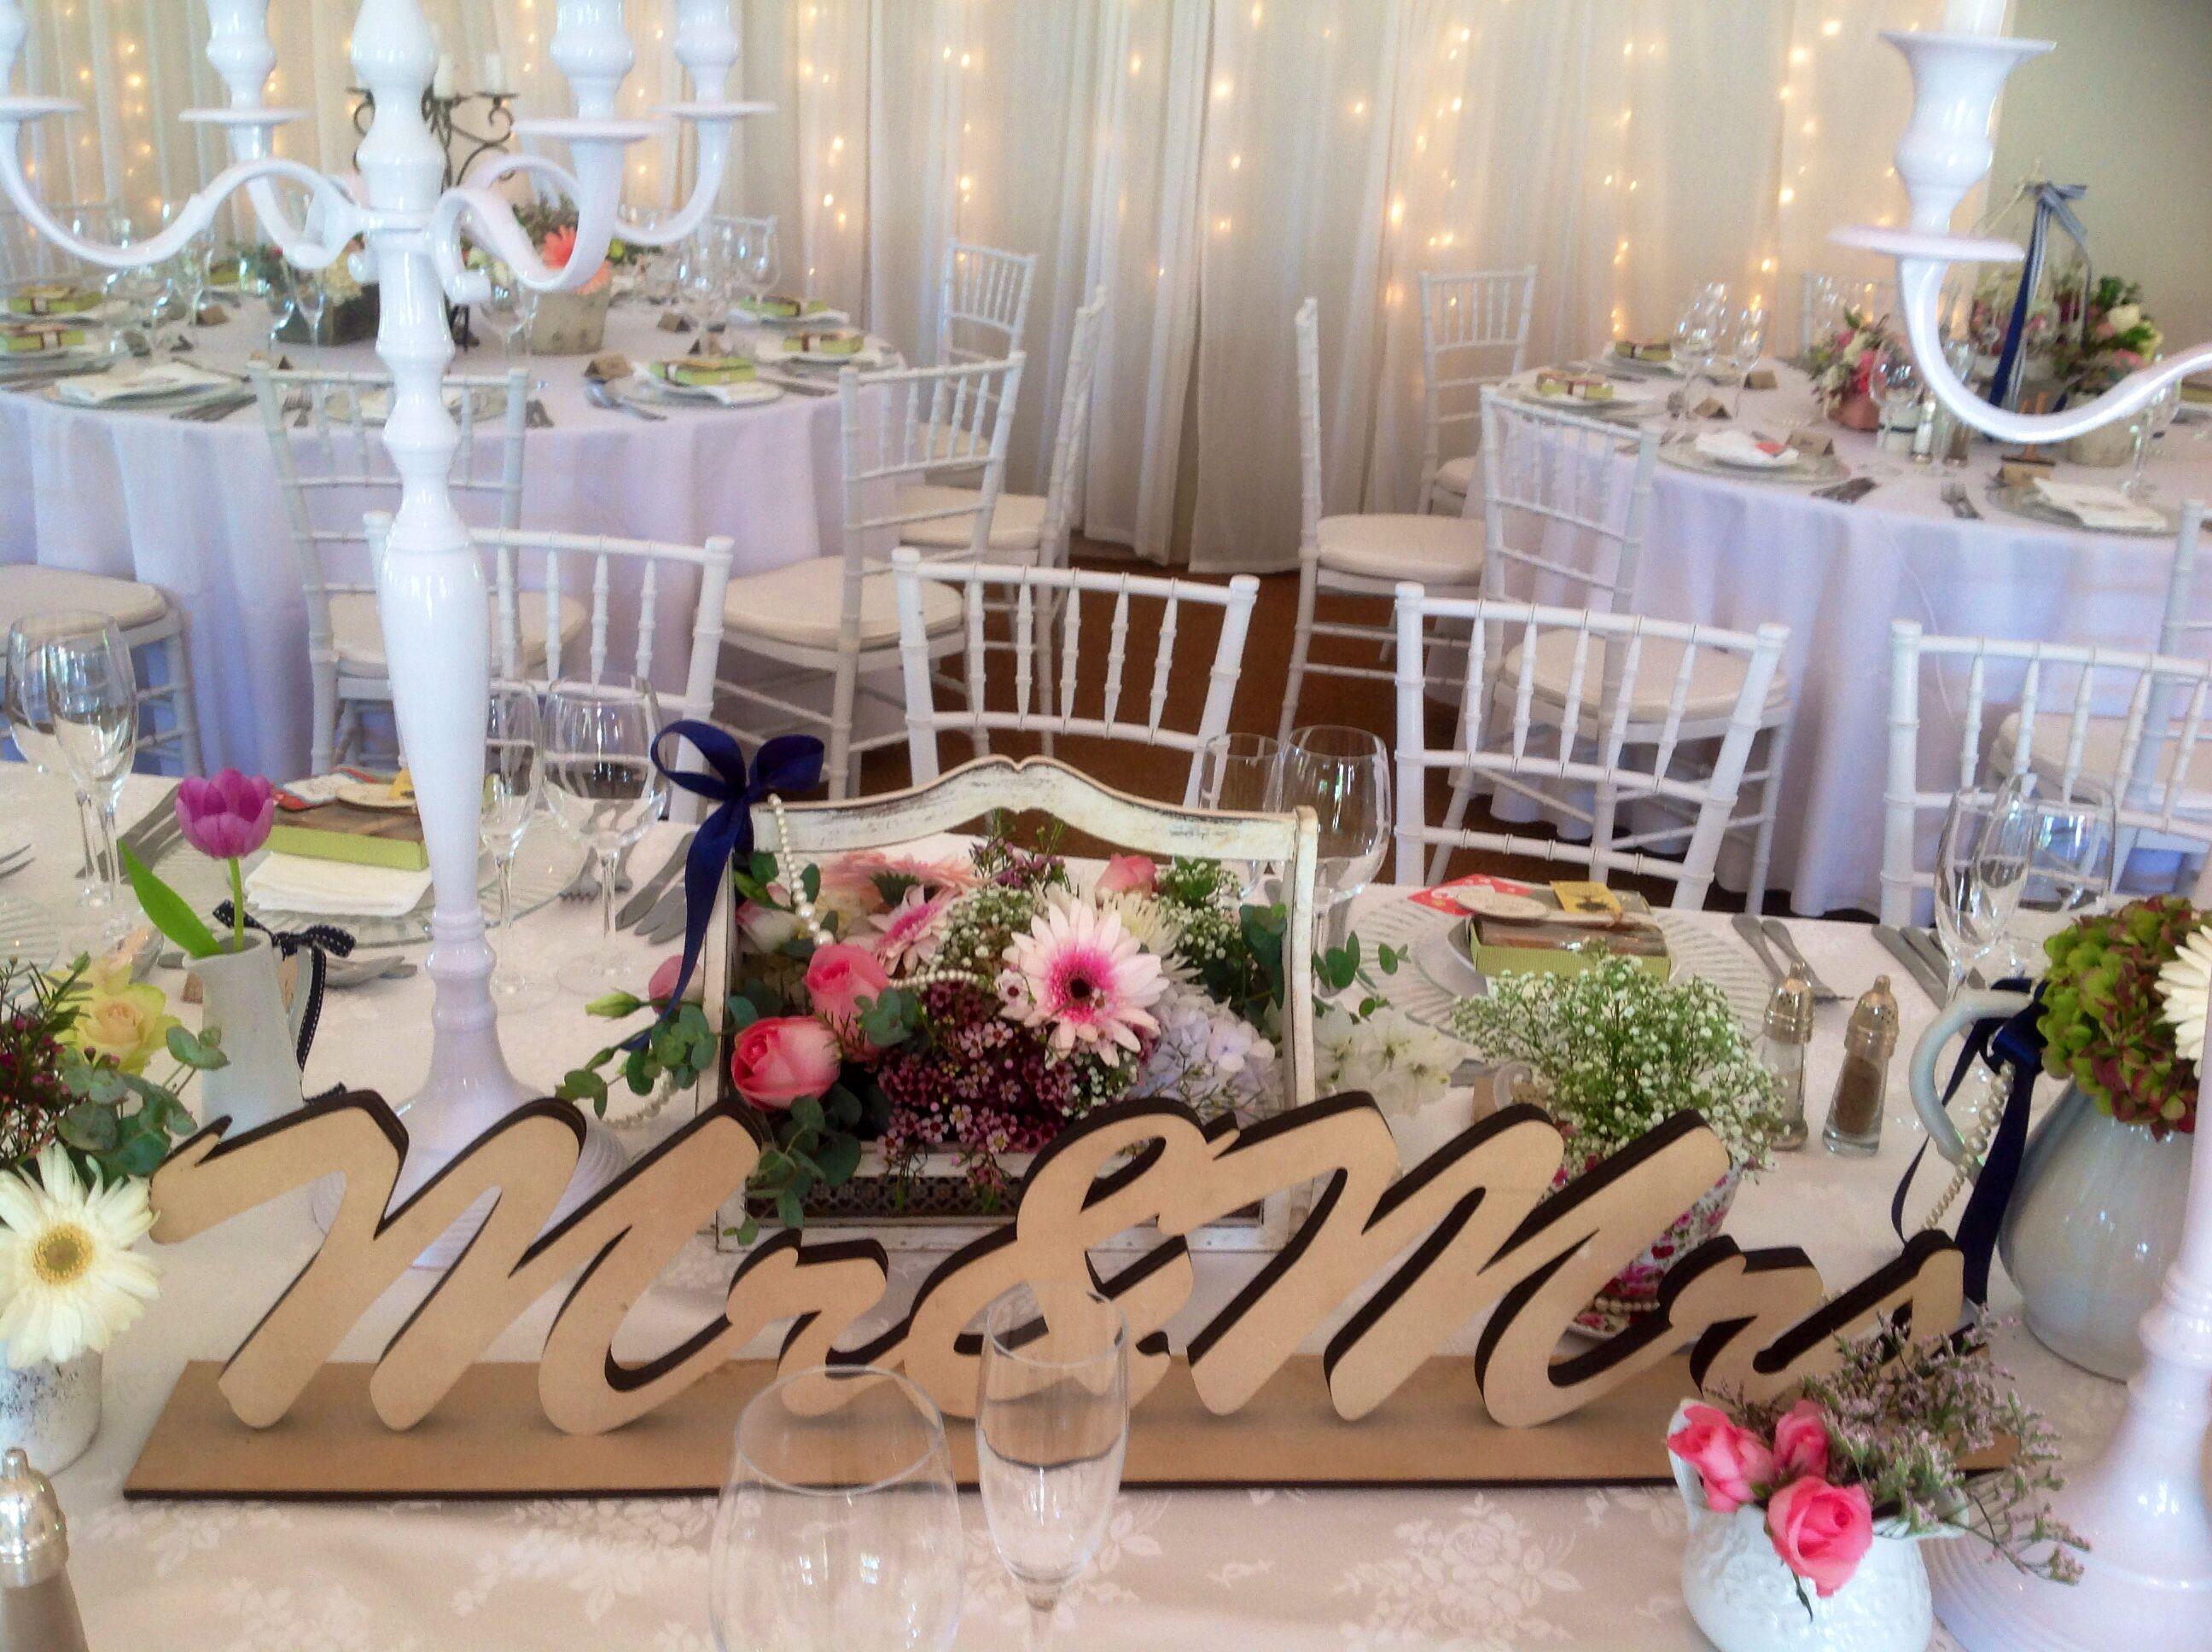 The main table wedding decor pinterest for Table design pinterest